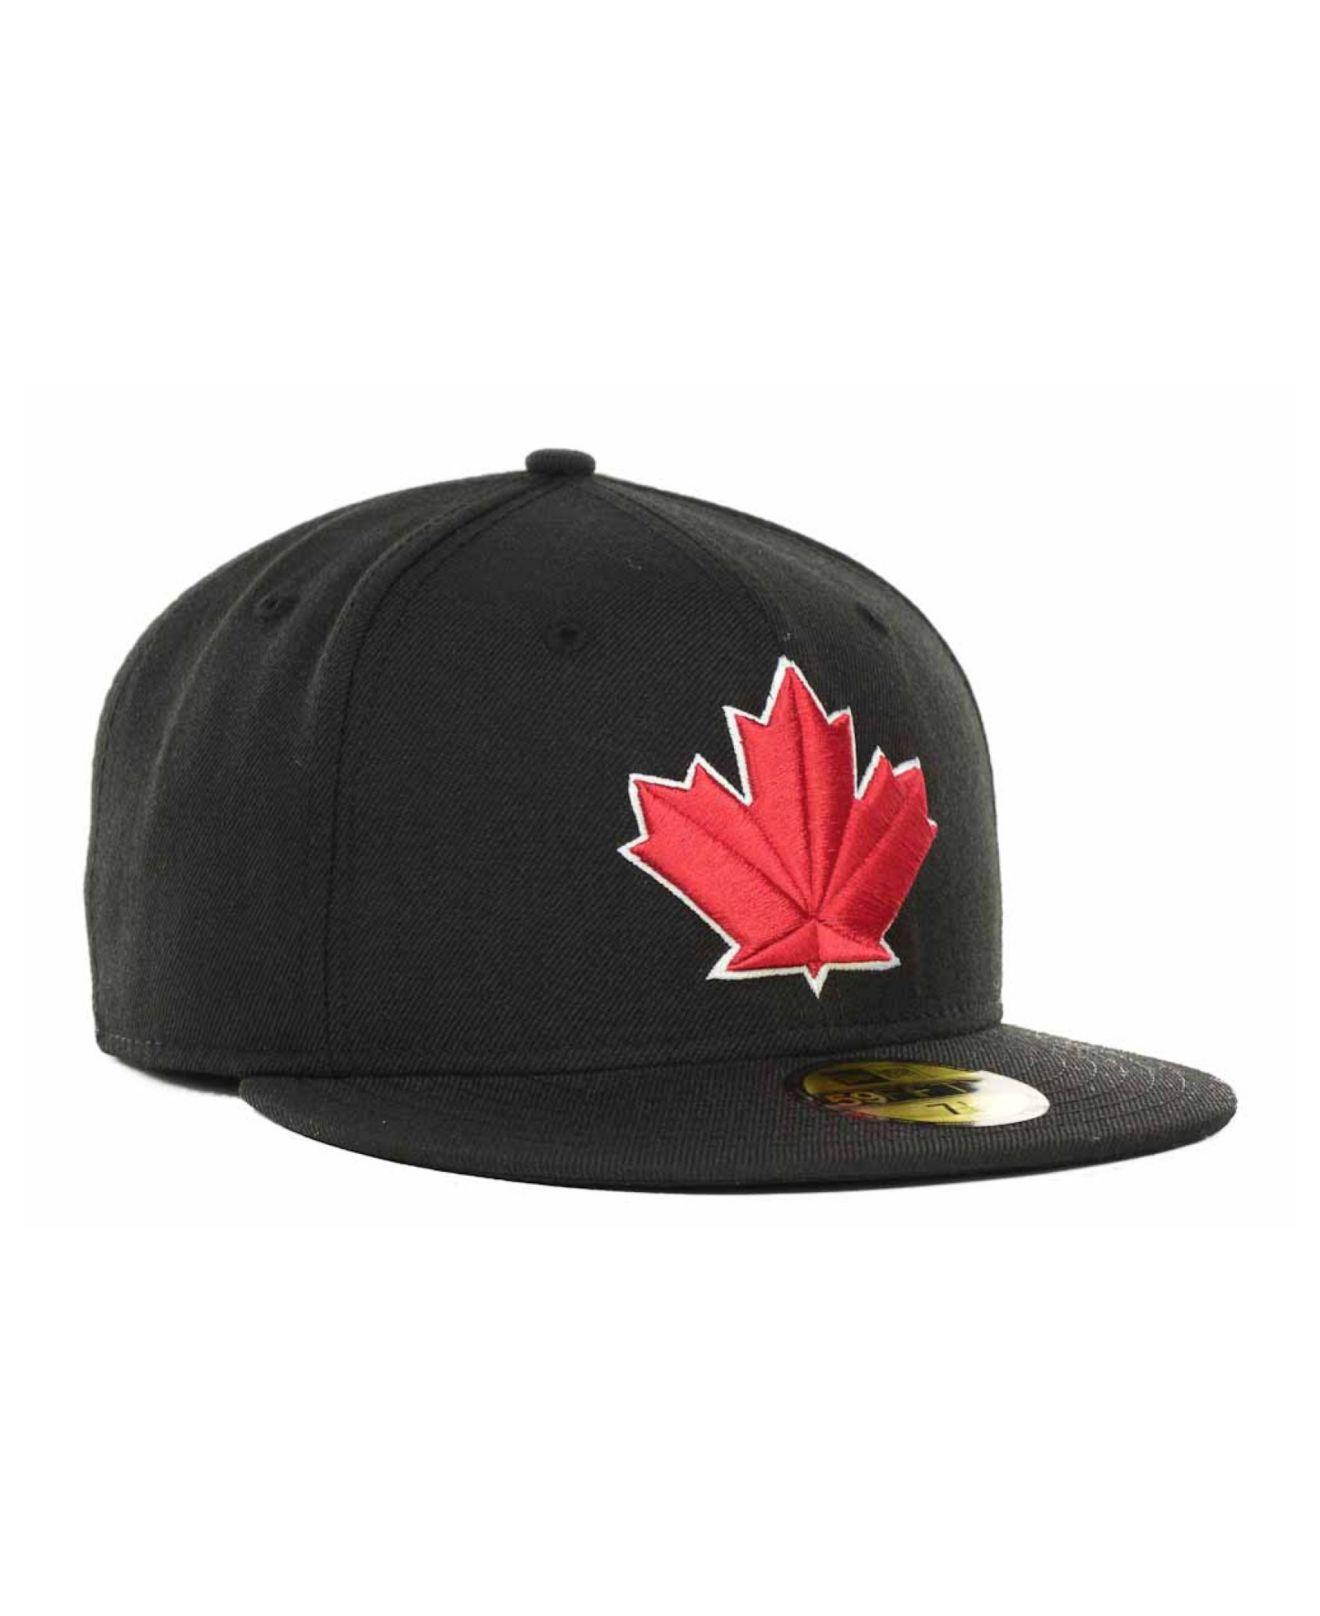 Lyst Ktz Toronto Blue Jays Mlb Black And White Fashion